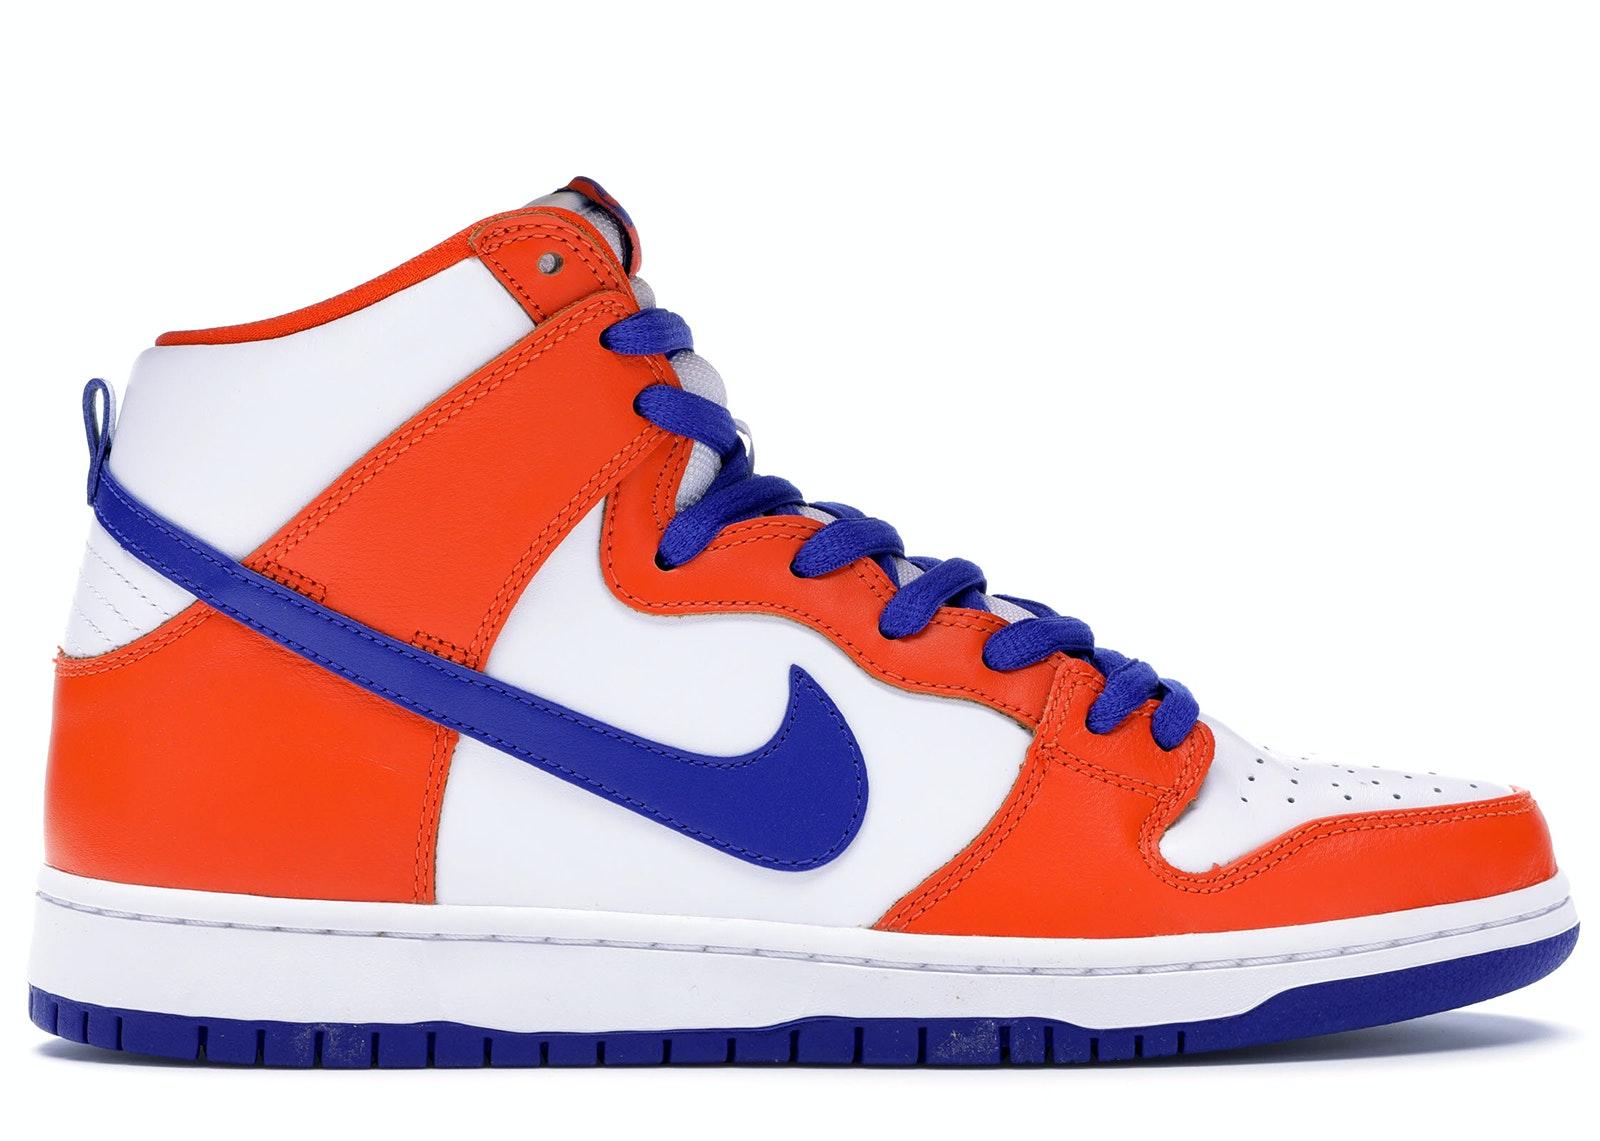 Nike SB Dunk High Danny Supa